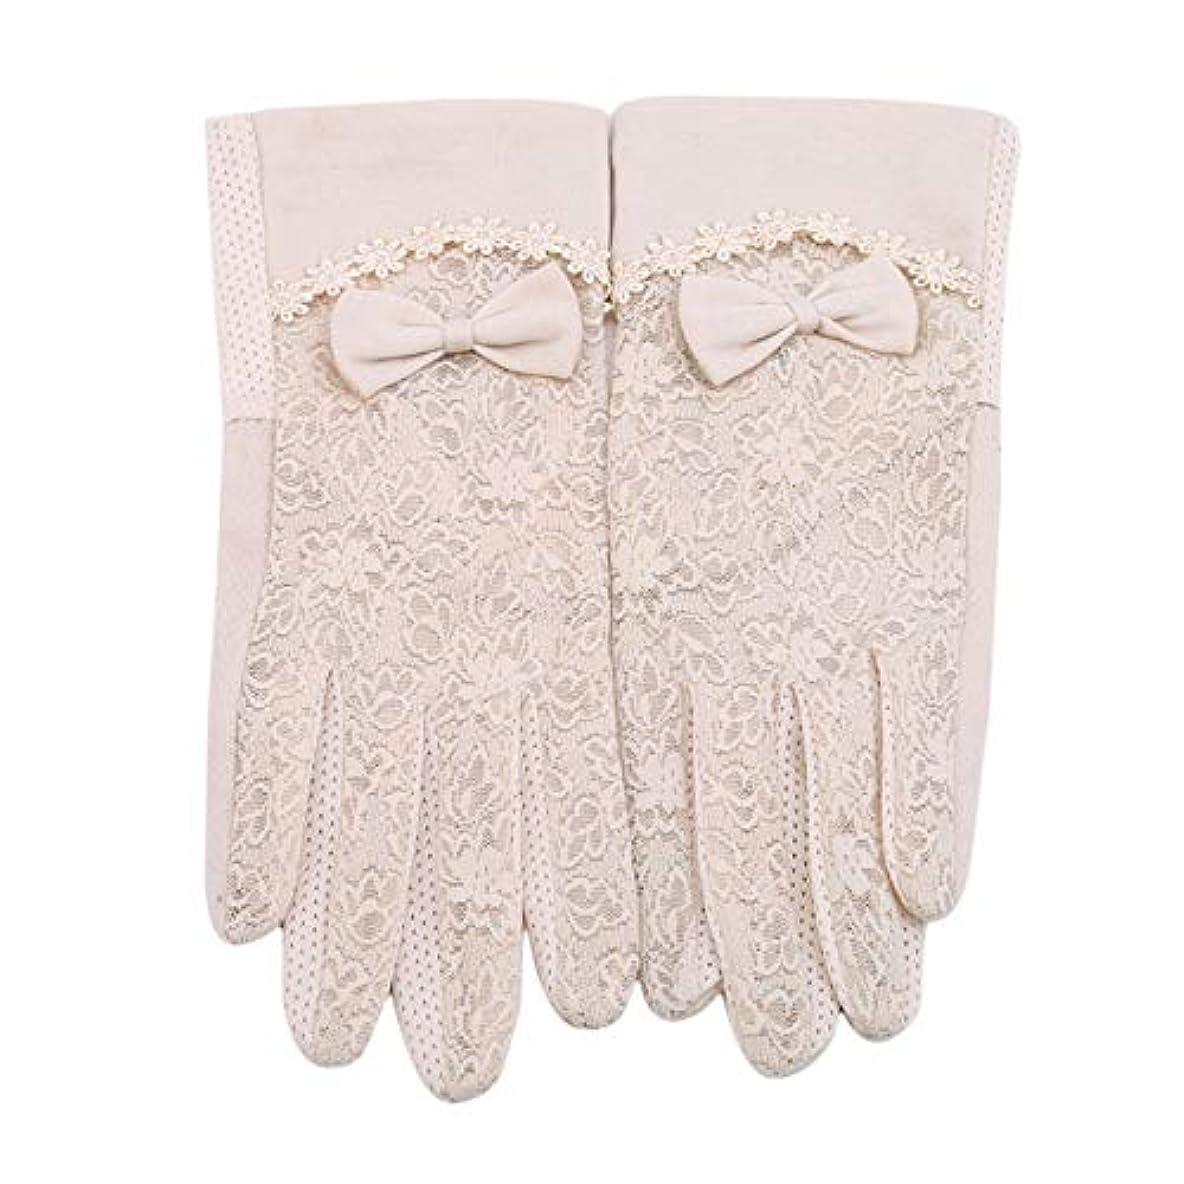 なくなる吸い込む予定MODMHB 手袋 UVカット 手触りが良い 紫外線カット 日焼け防止 ハンド ケア 手荒い対策 保湿 保護 抗菌 防臭